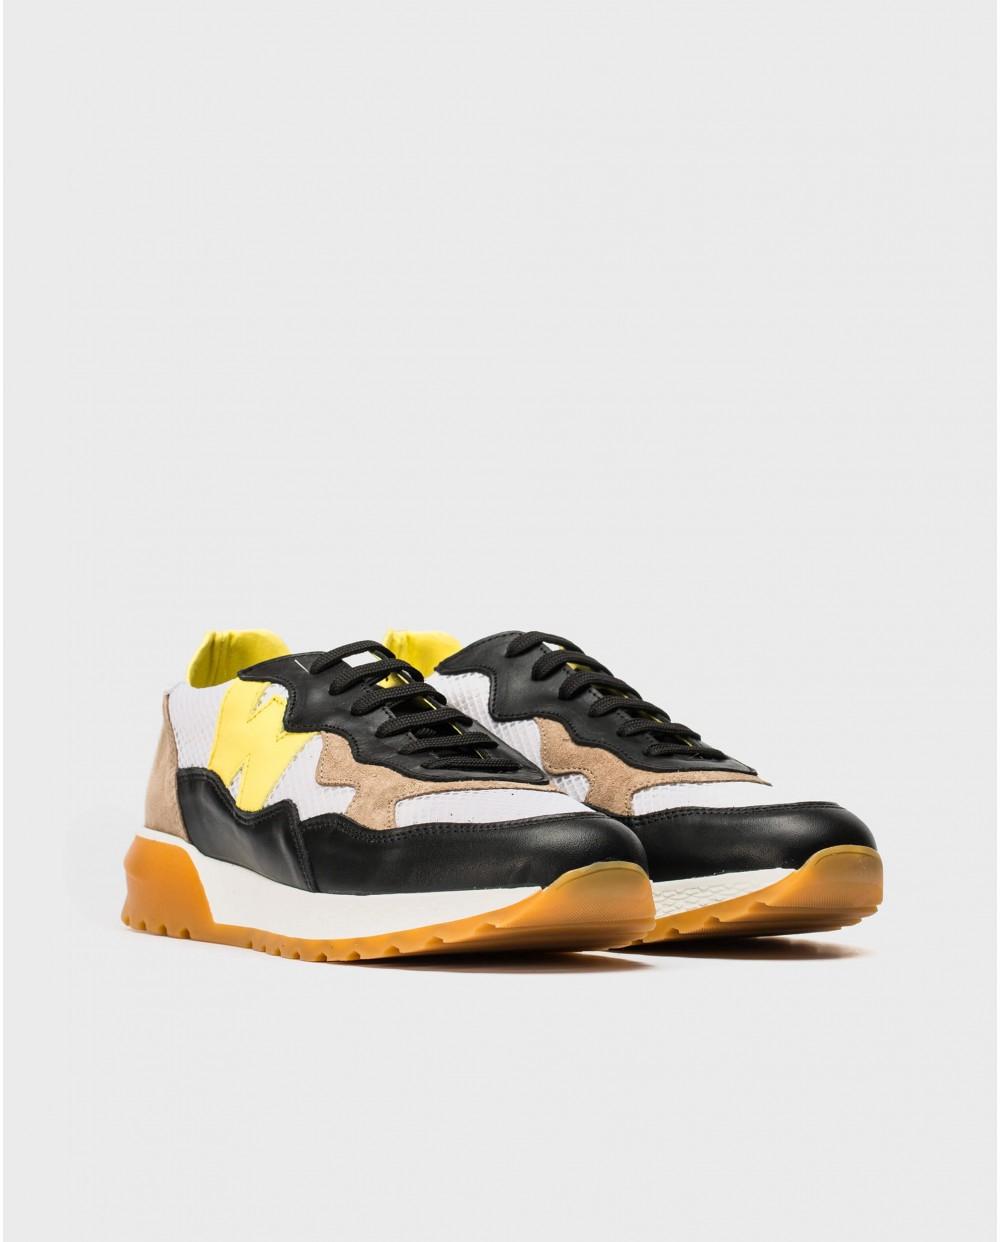 Wonders-Sneakers-Sneakers with shoelace closure